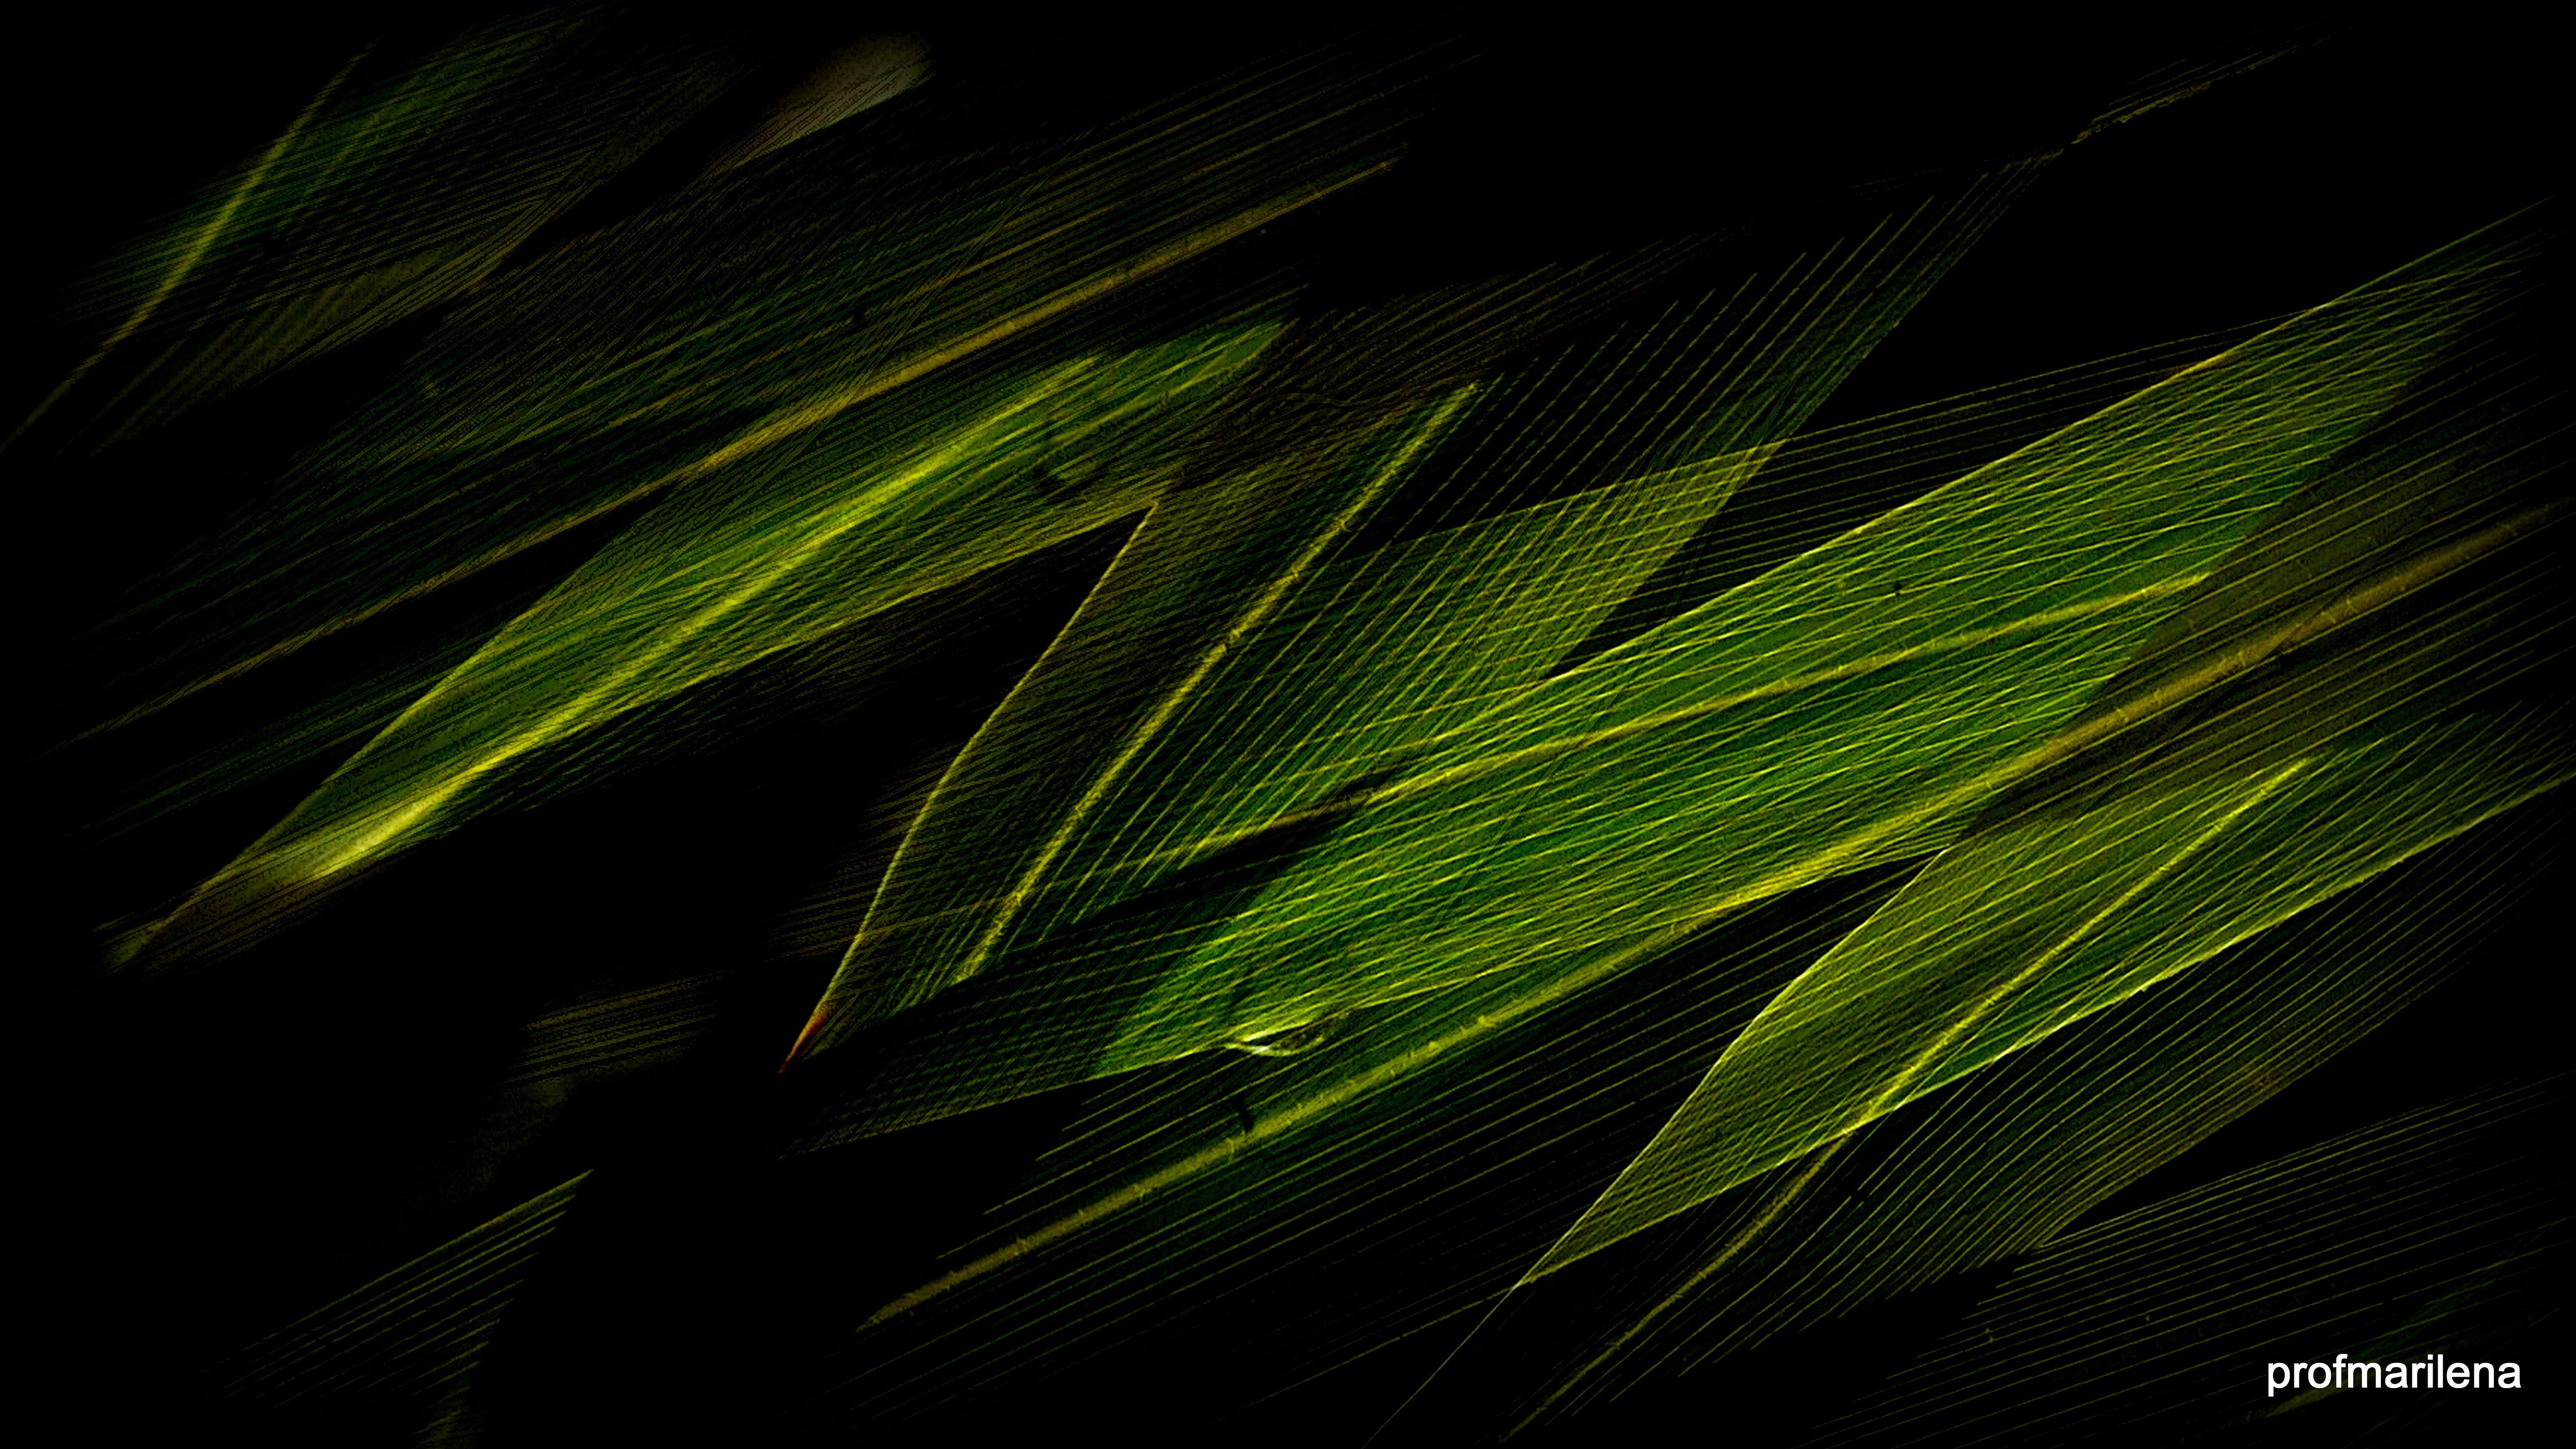 Download 620 Background Hitam Rumput Terbaik